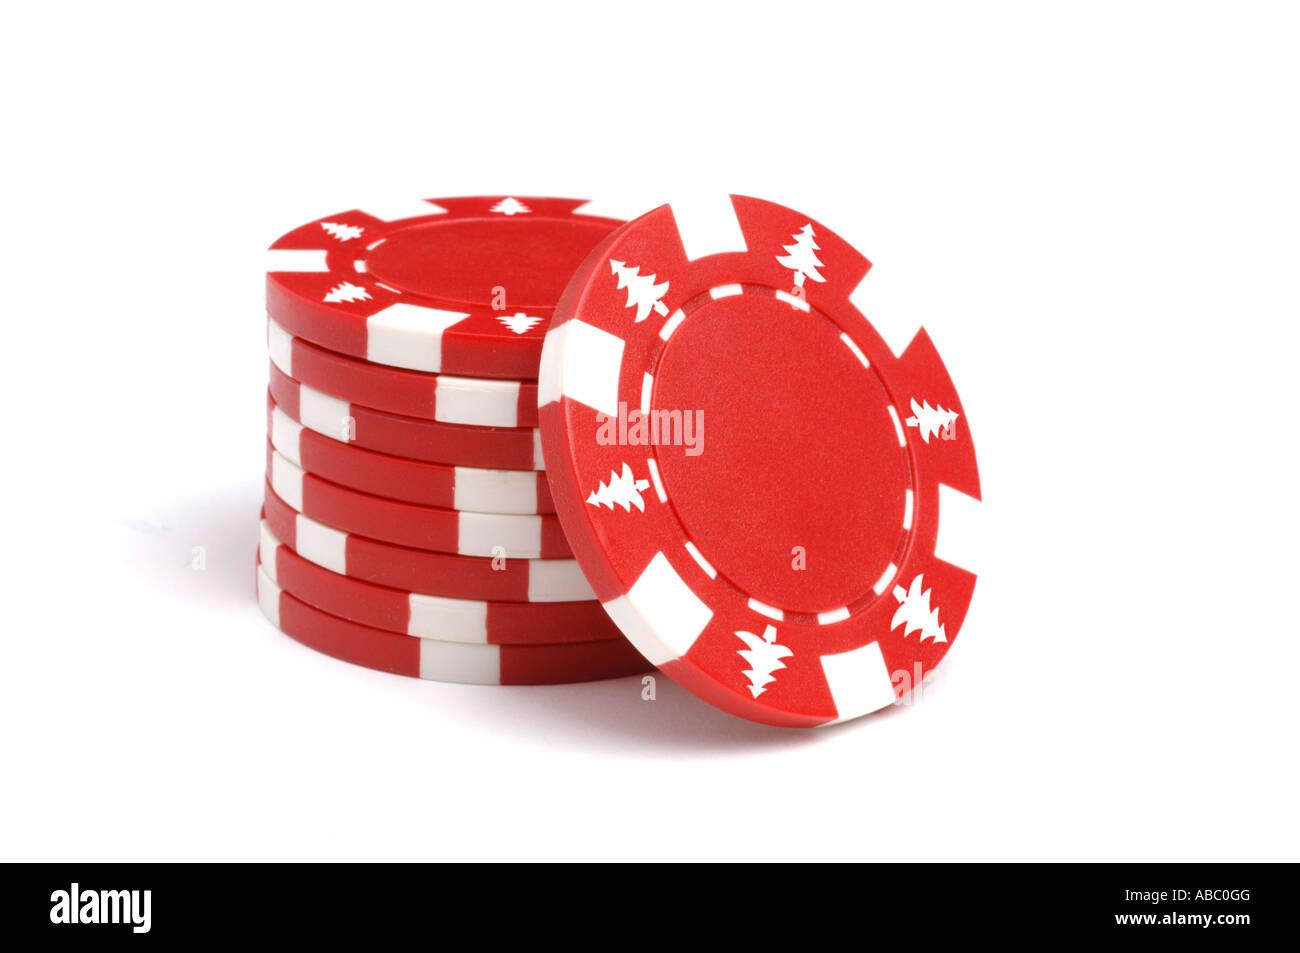 Jetons de poker rouge avec marquage de l'arbre de Noël Photo Stock